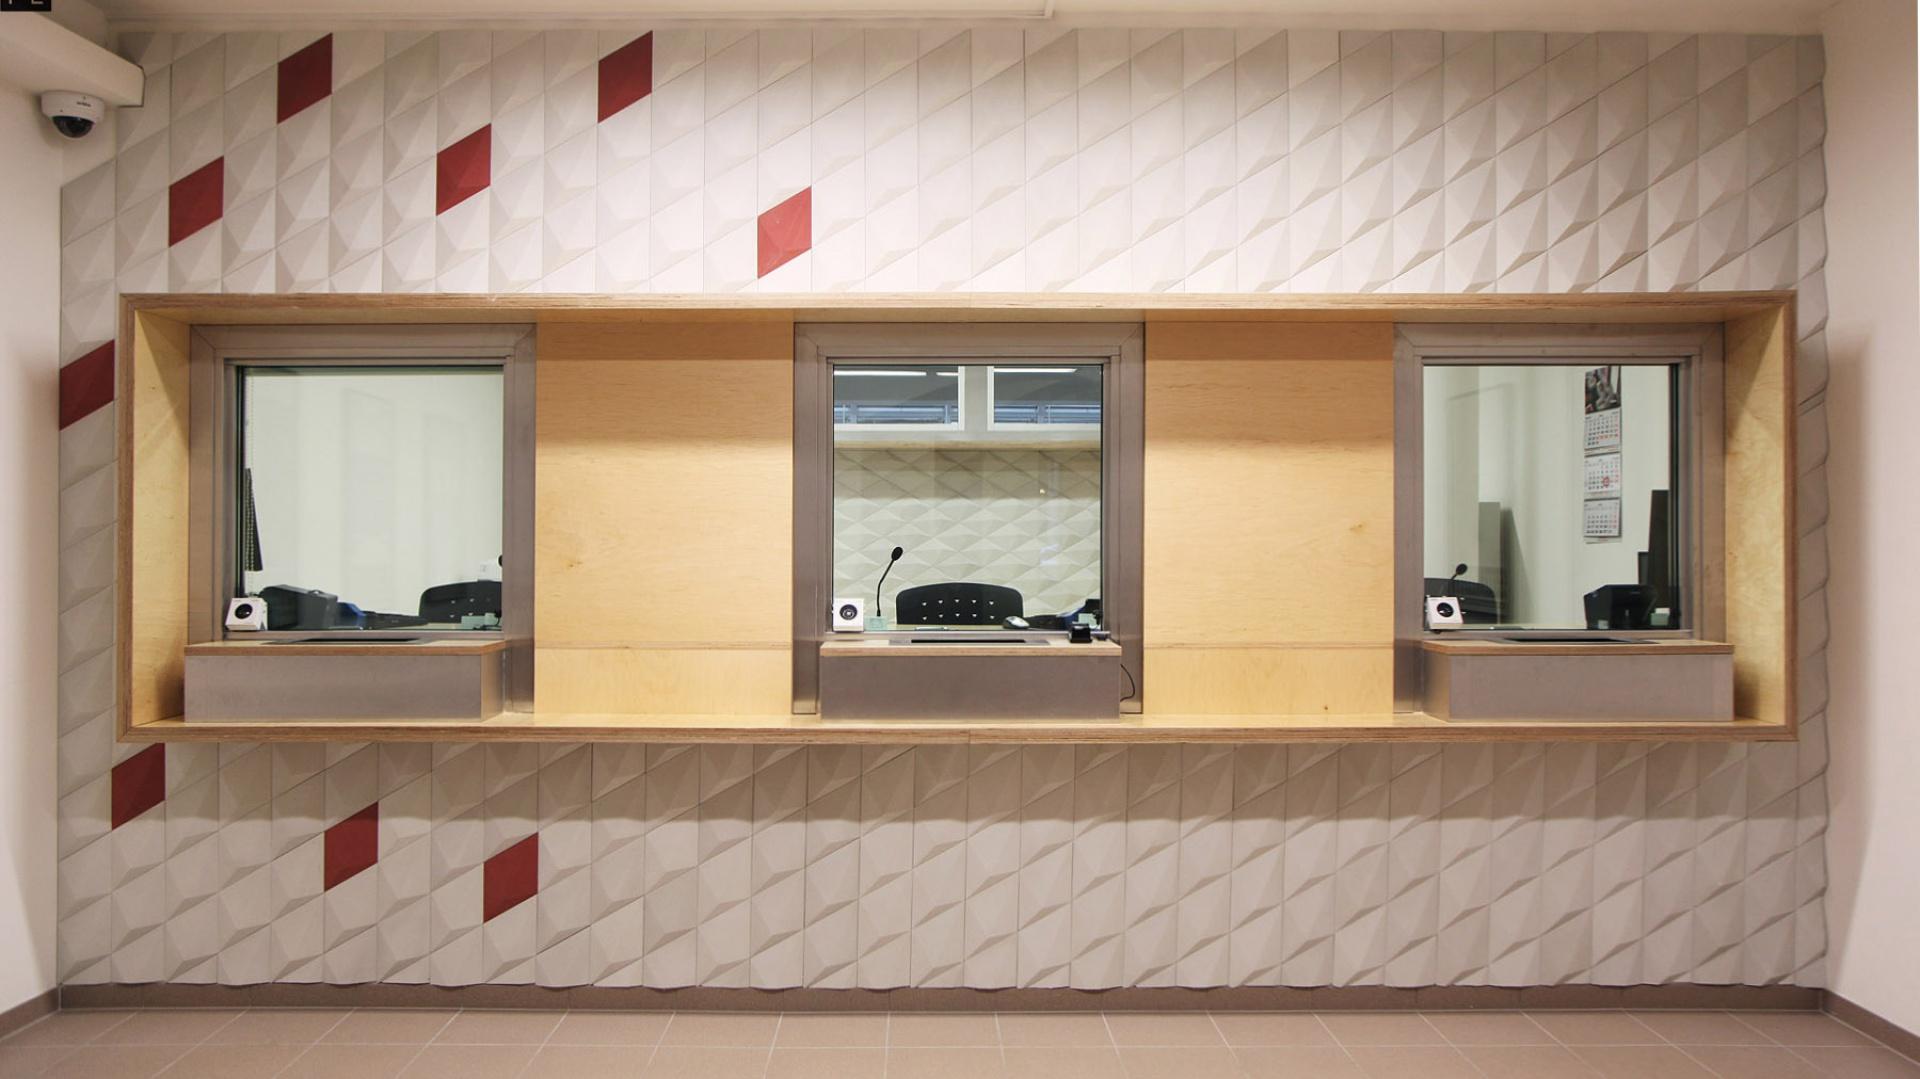 Podstawą realizacji było zamontowanie w istniejące już wnętrze betonowej kostki będącej jednocześnie pomieszczeniem, w którym znajdują się stanowiska obsługi interesantów. Fot. 81.WAW.PL